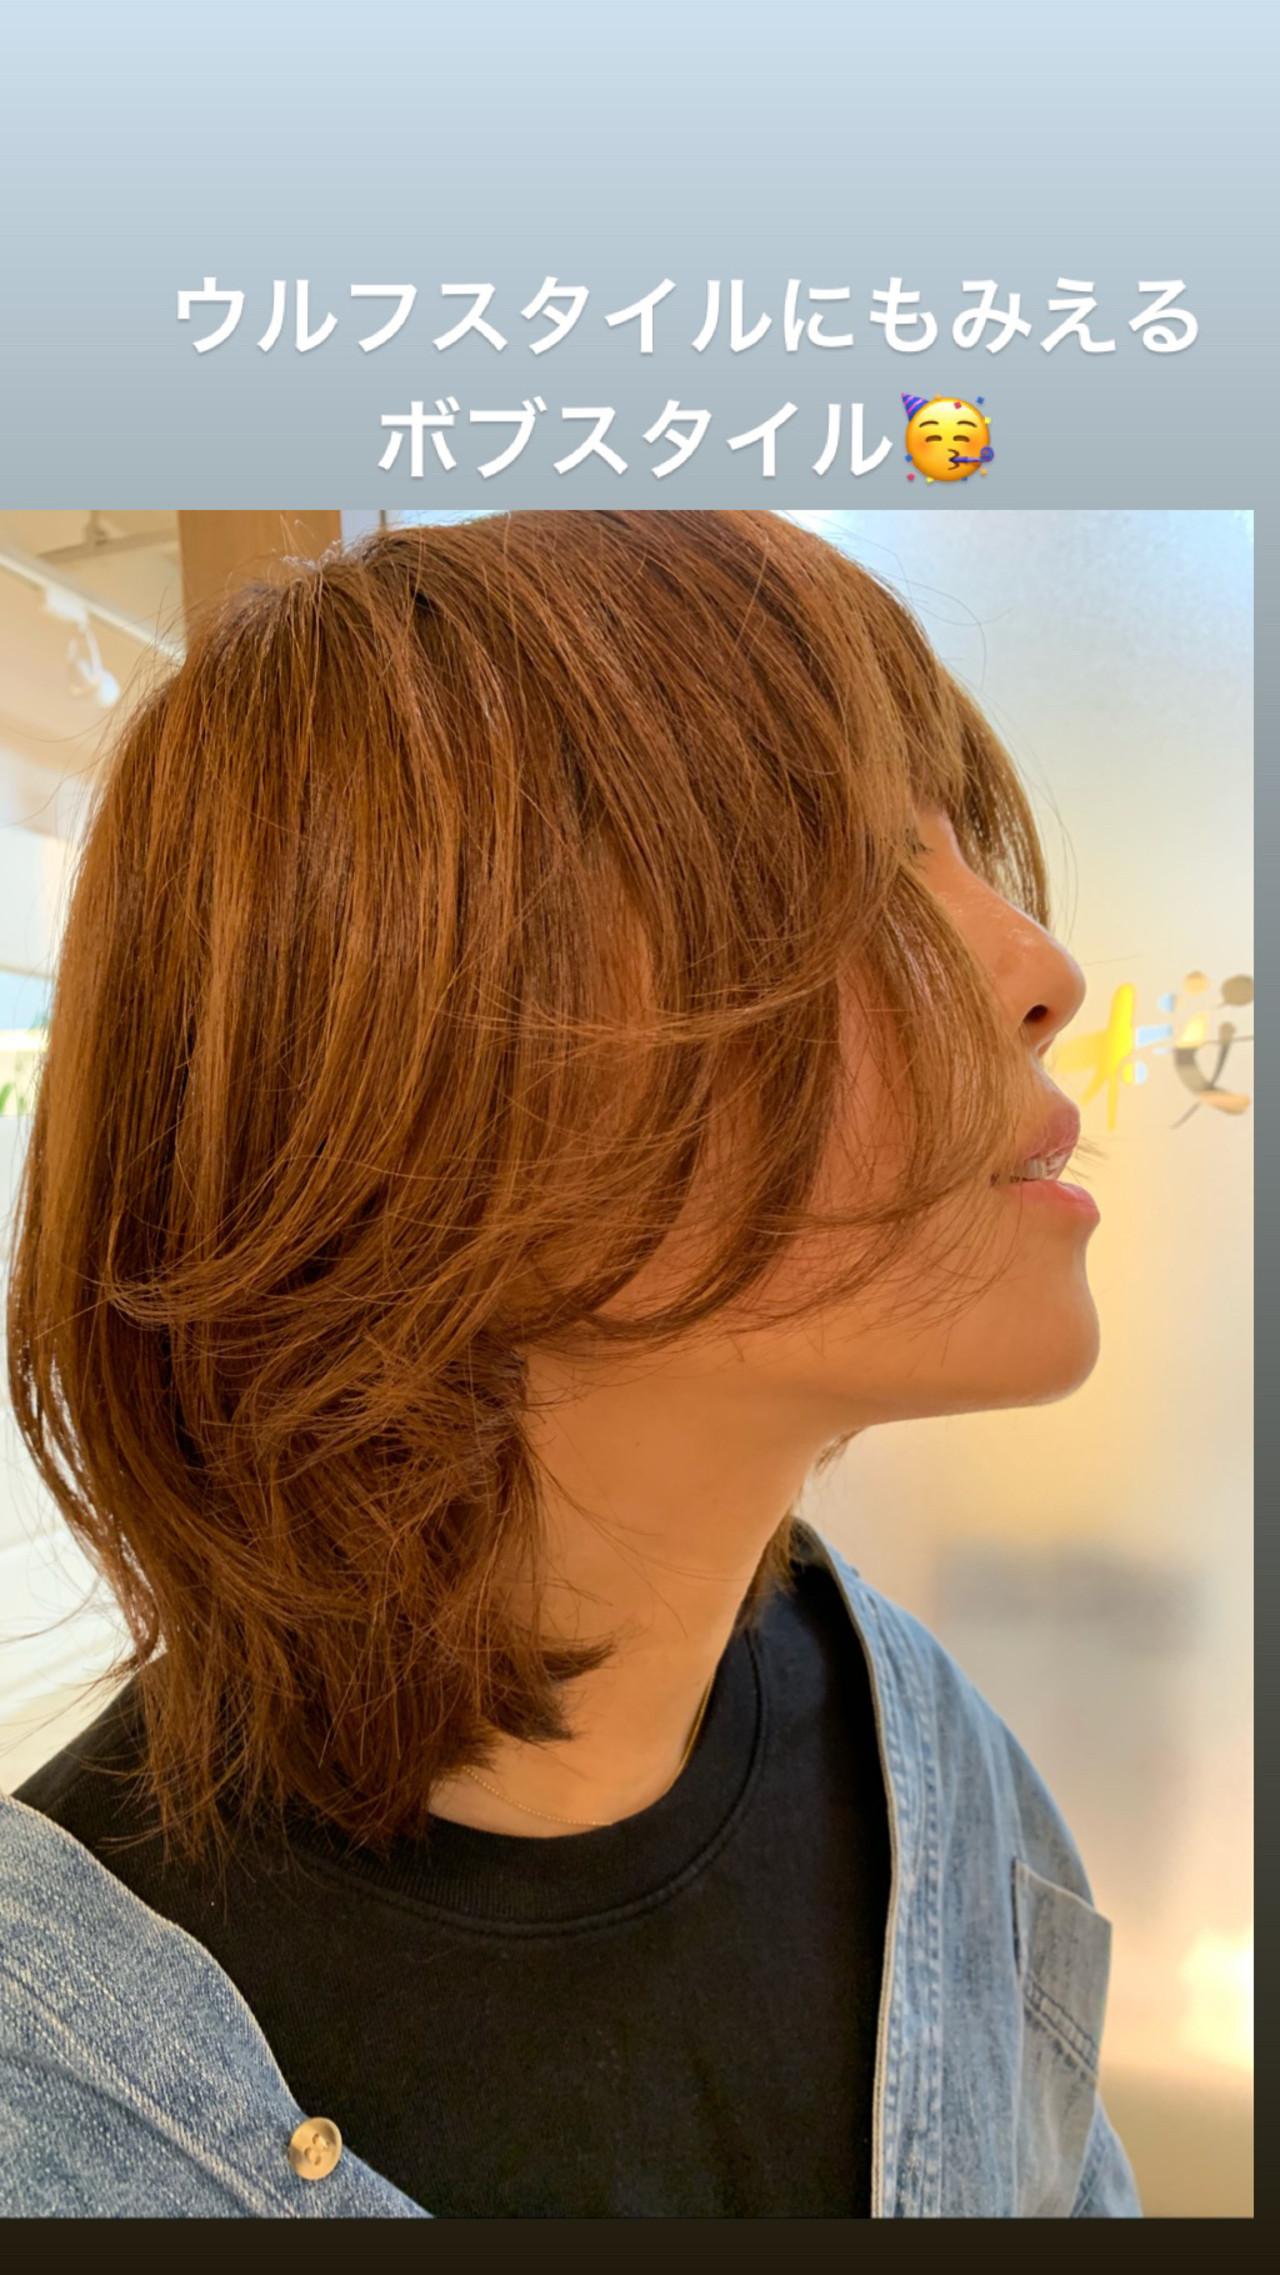 ミディアム 切りっぱなしボブ ミニボブ ショートボブ ヘアスタイルや髪型の写真・画像